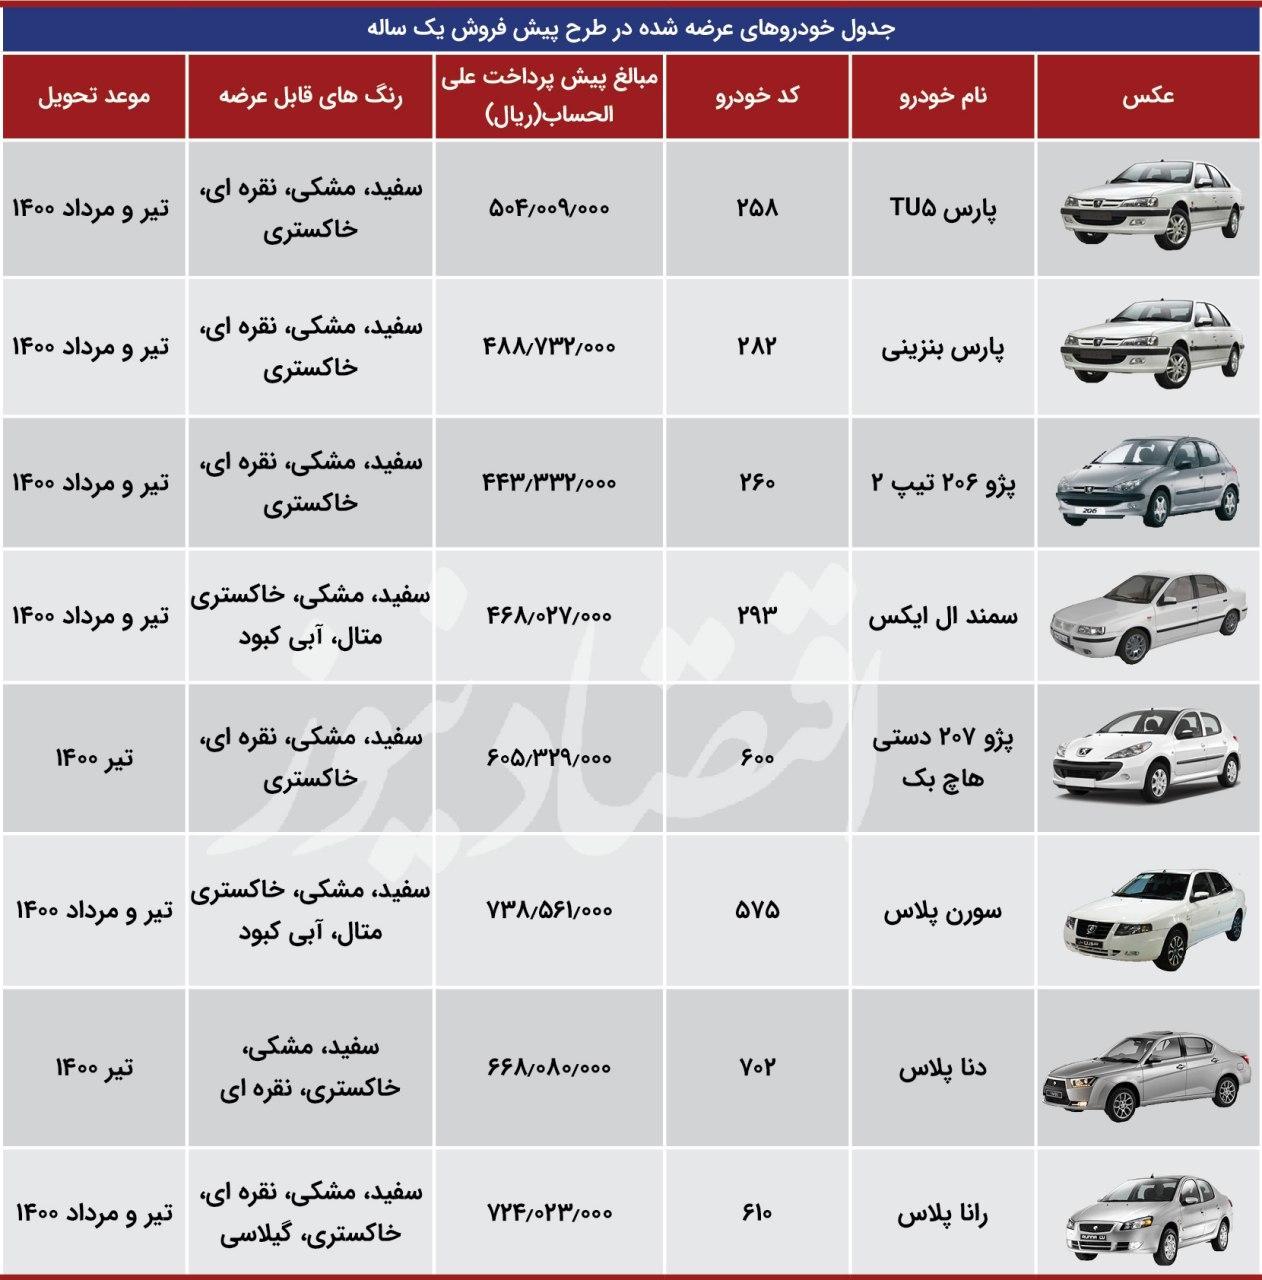 نتایج قرعه کشی ایران خودرو امروز 27 مهر 99+ اسامی برندگان